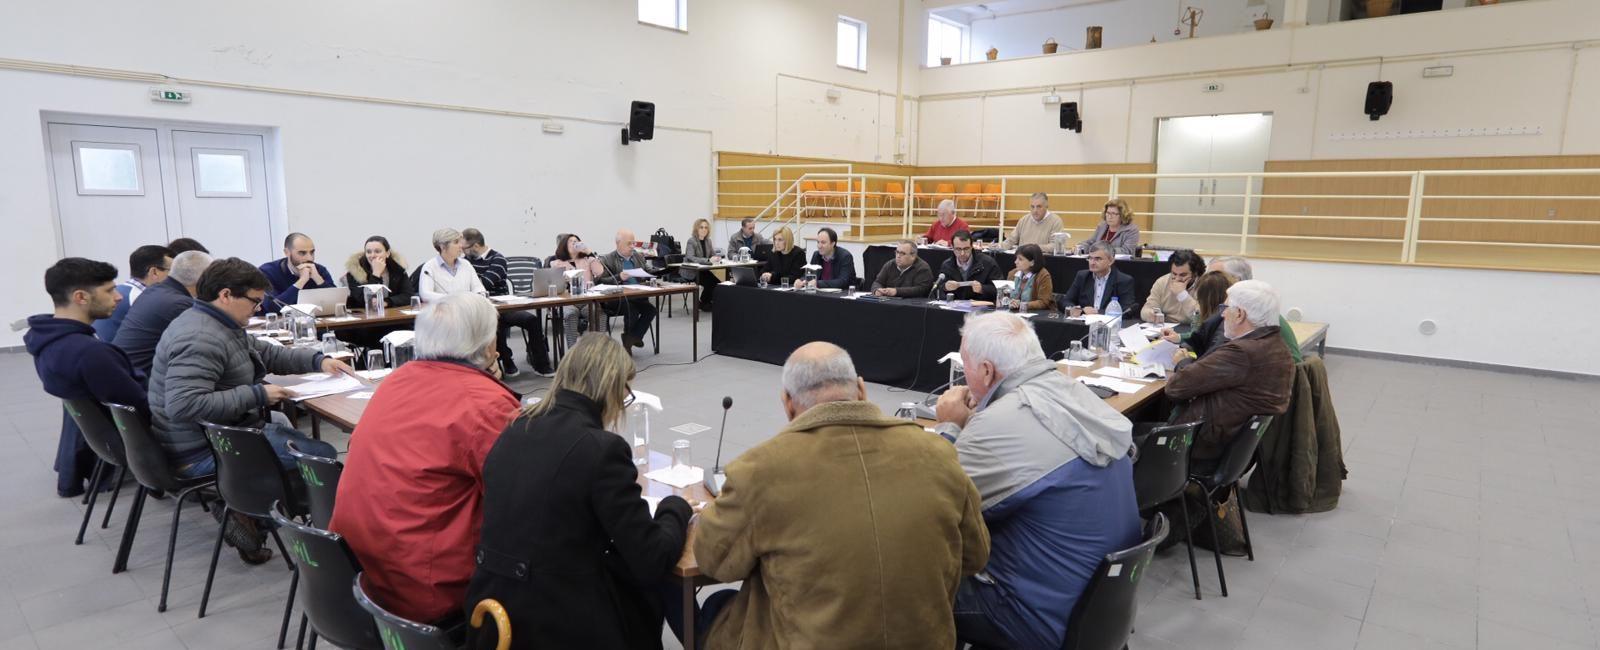 Prestação de contas aprovada pela Assembleia Municipal